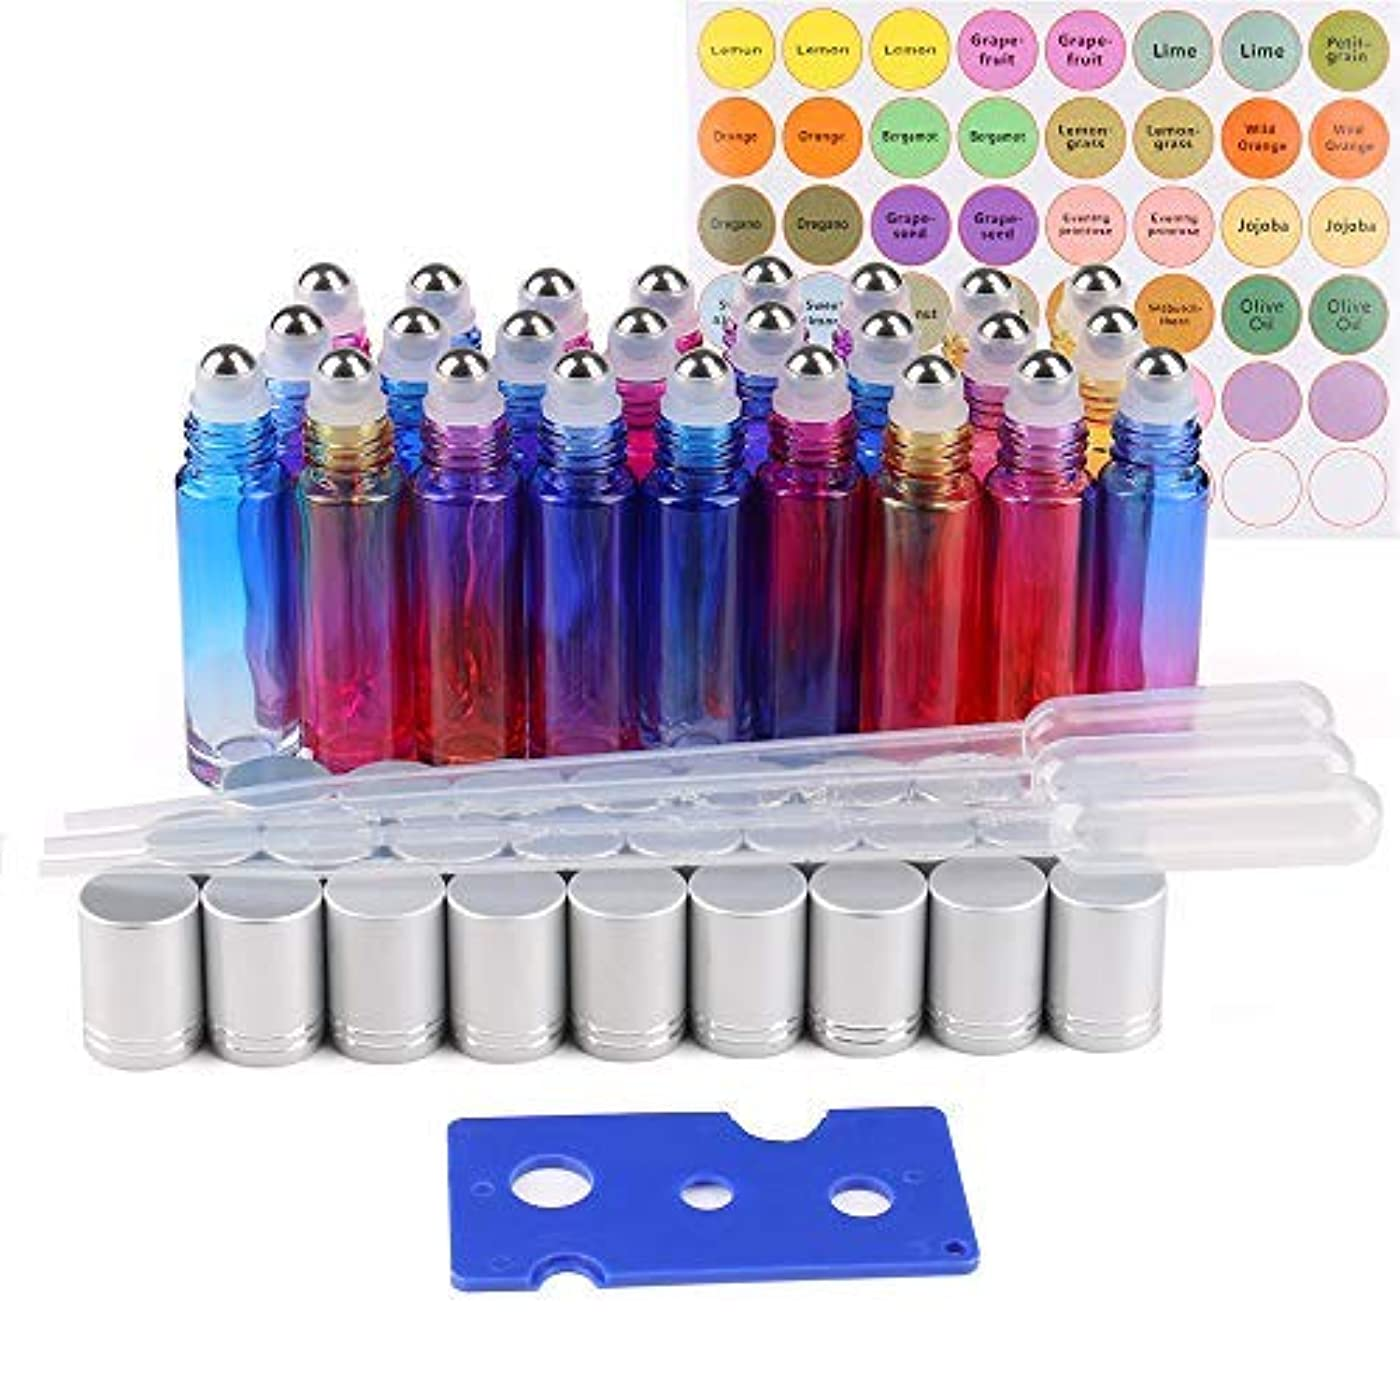 シャービデオ効能25 Pack Essential Oil Roller Bottles, 10ml Gradient Color Roll on Bottles with Stainless Steel Roller Balls for...